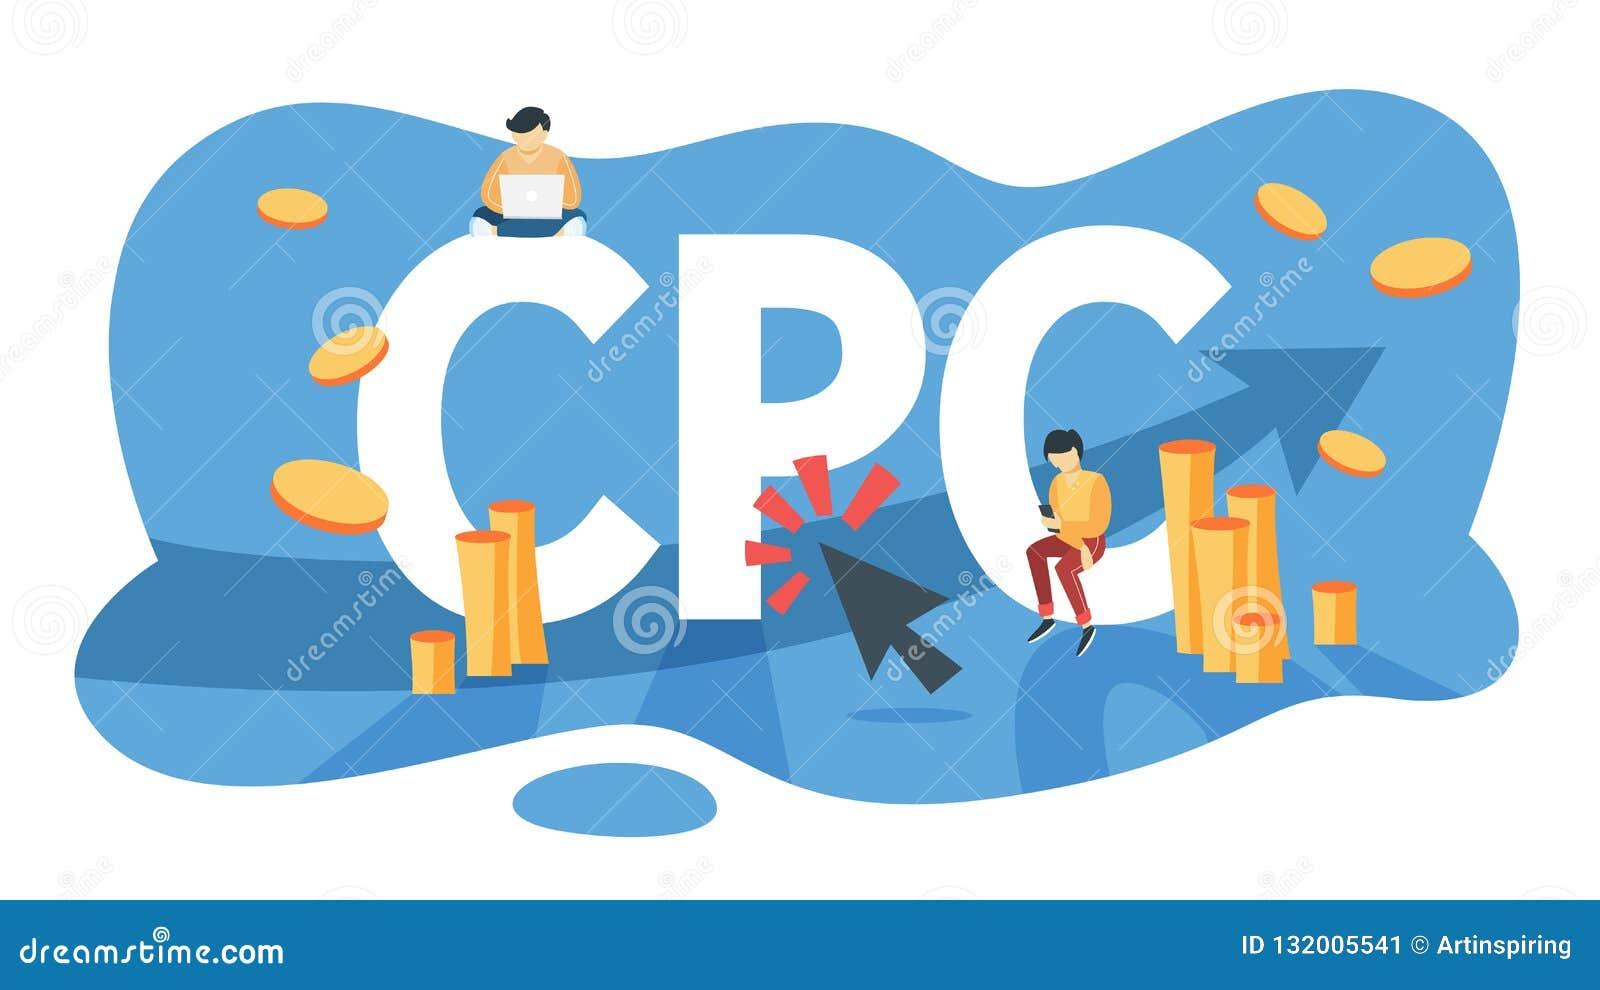 Κόστος CPC ανά κρότο που διαφημίζει στο Διαδίκτυο